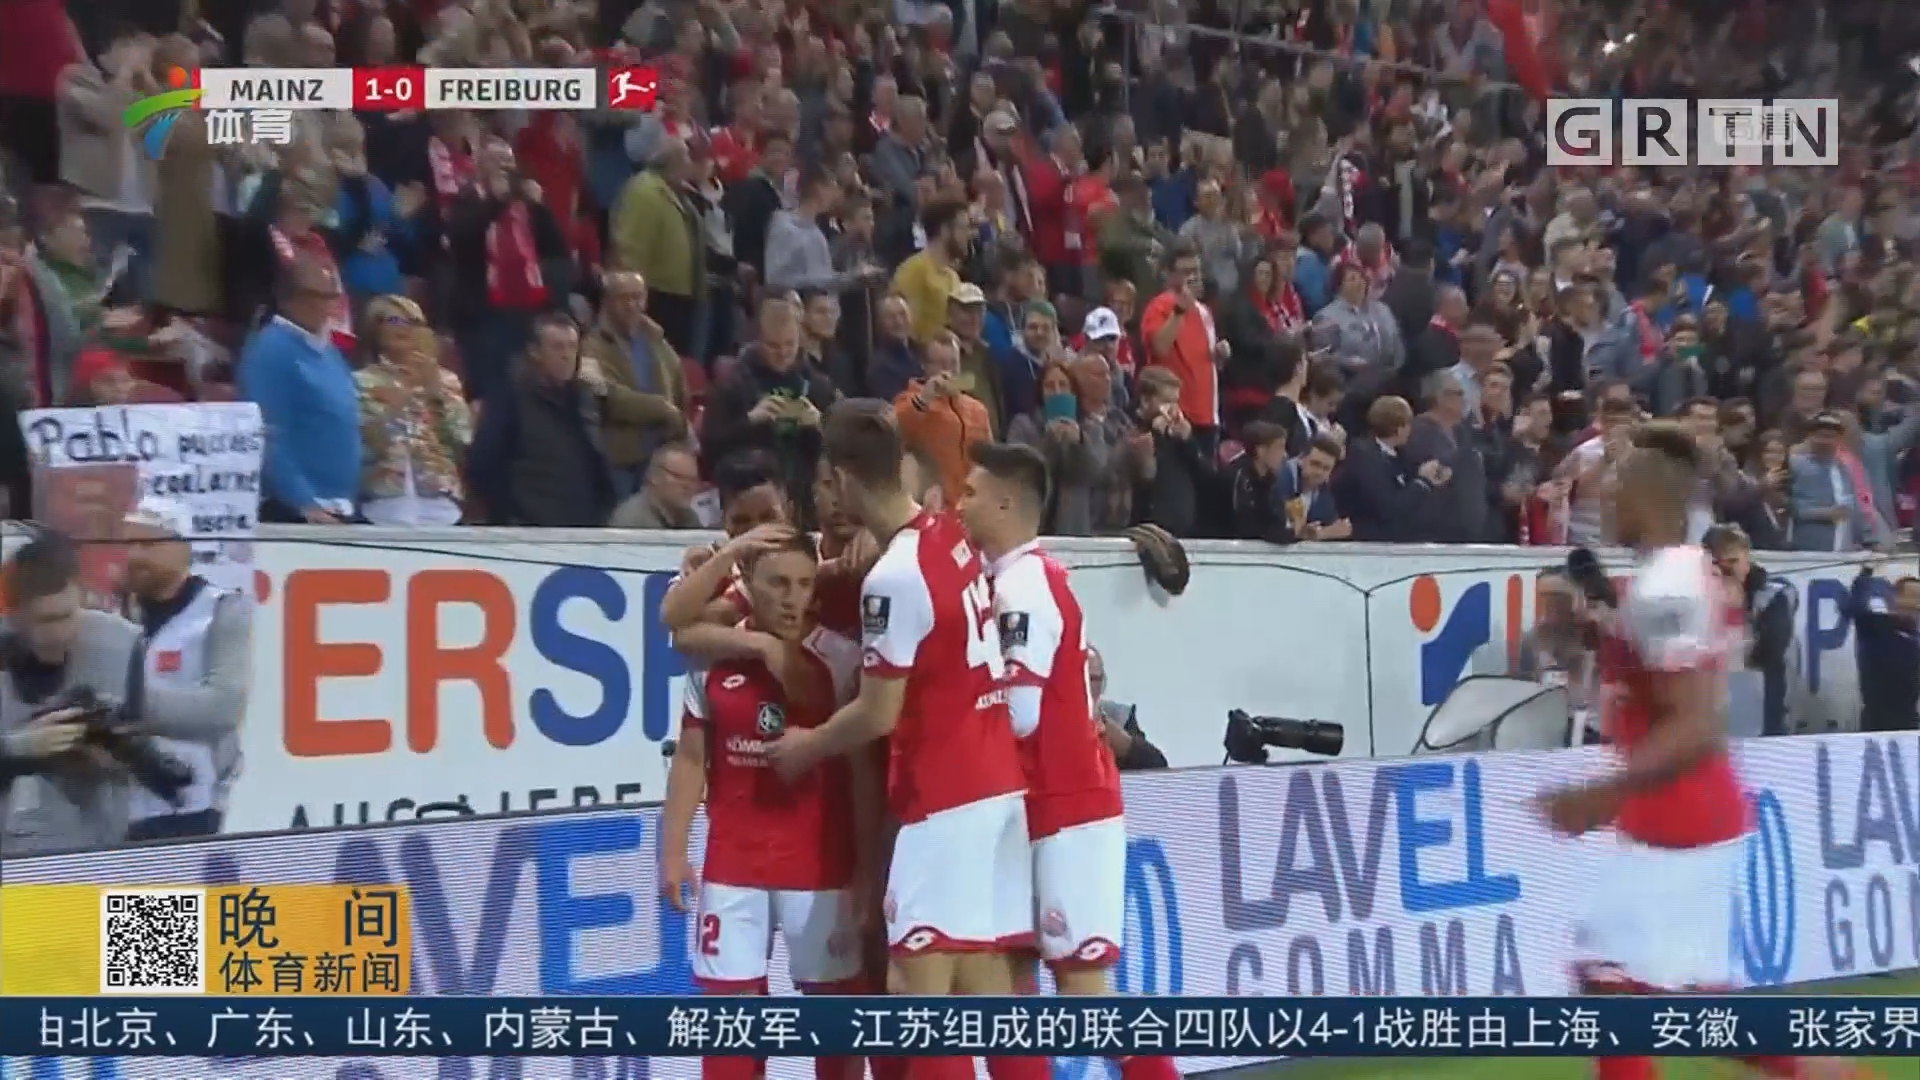 德甲 中场休息VAR判点球 球员重返赛场